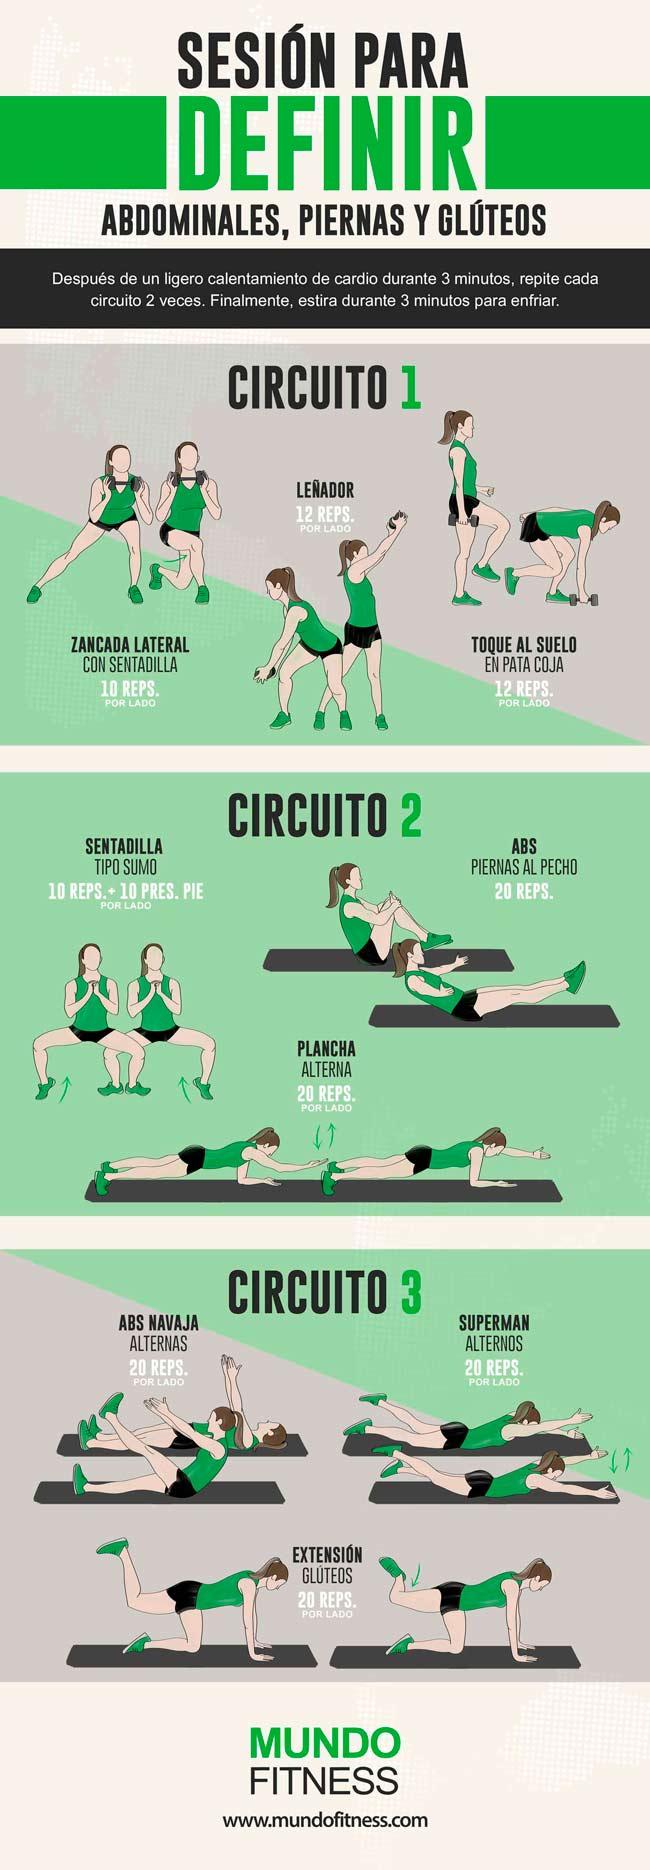 ejercicios-definición-definir-abdominales-piernas-glúteos-chica-entrenamiento